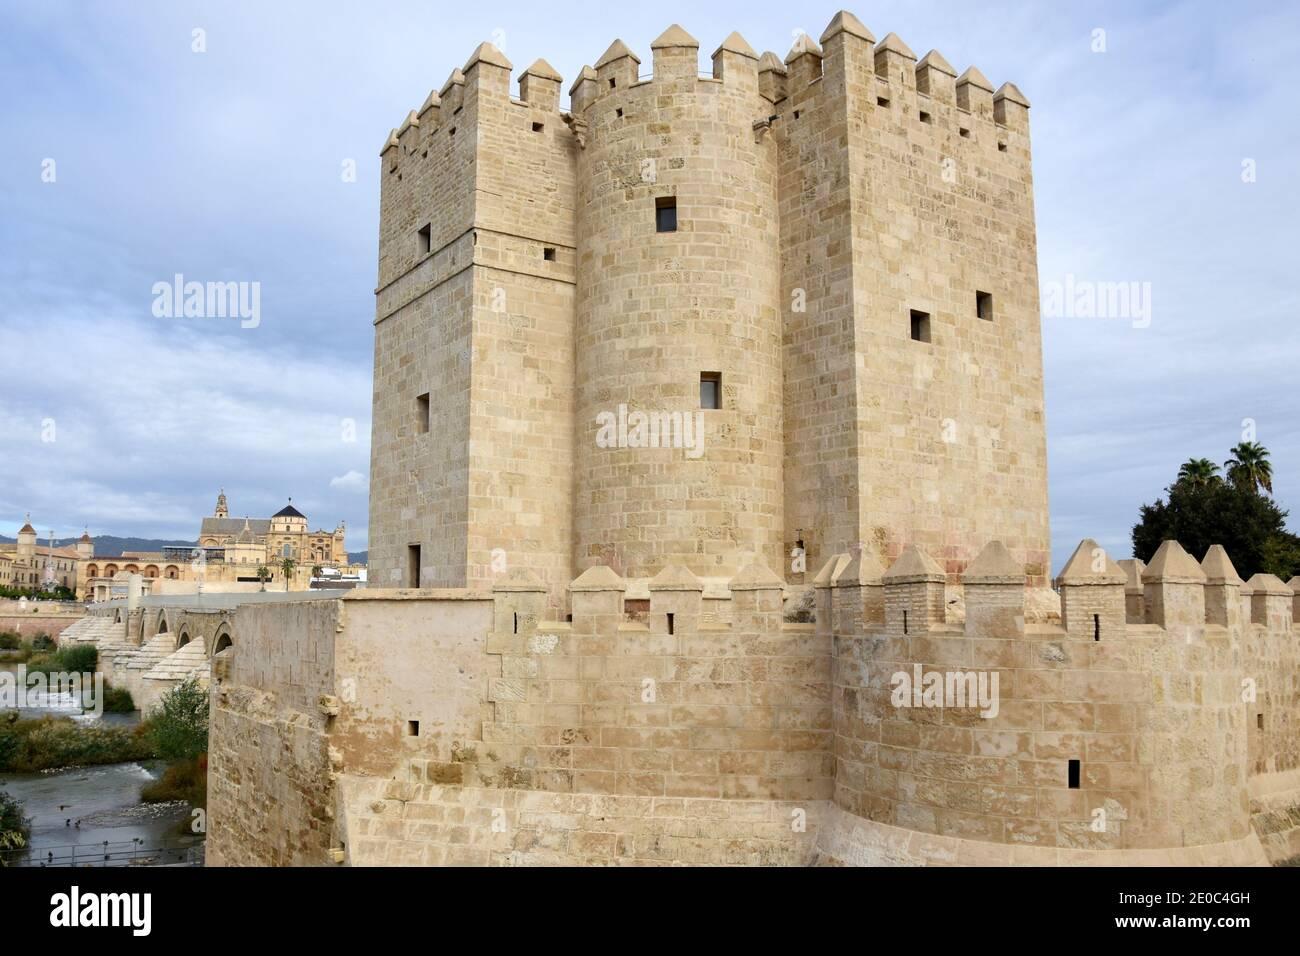 Spanien, Cordoba, der Calahorra Turm ist ein befestigtes Tor, im 12. Jahrhundert gebaut, um die römische Brücke zu schützen, wurde es zum historischen Denkmal erklärt. Stockfoto